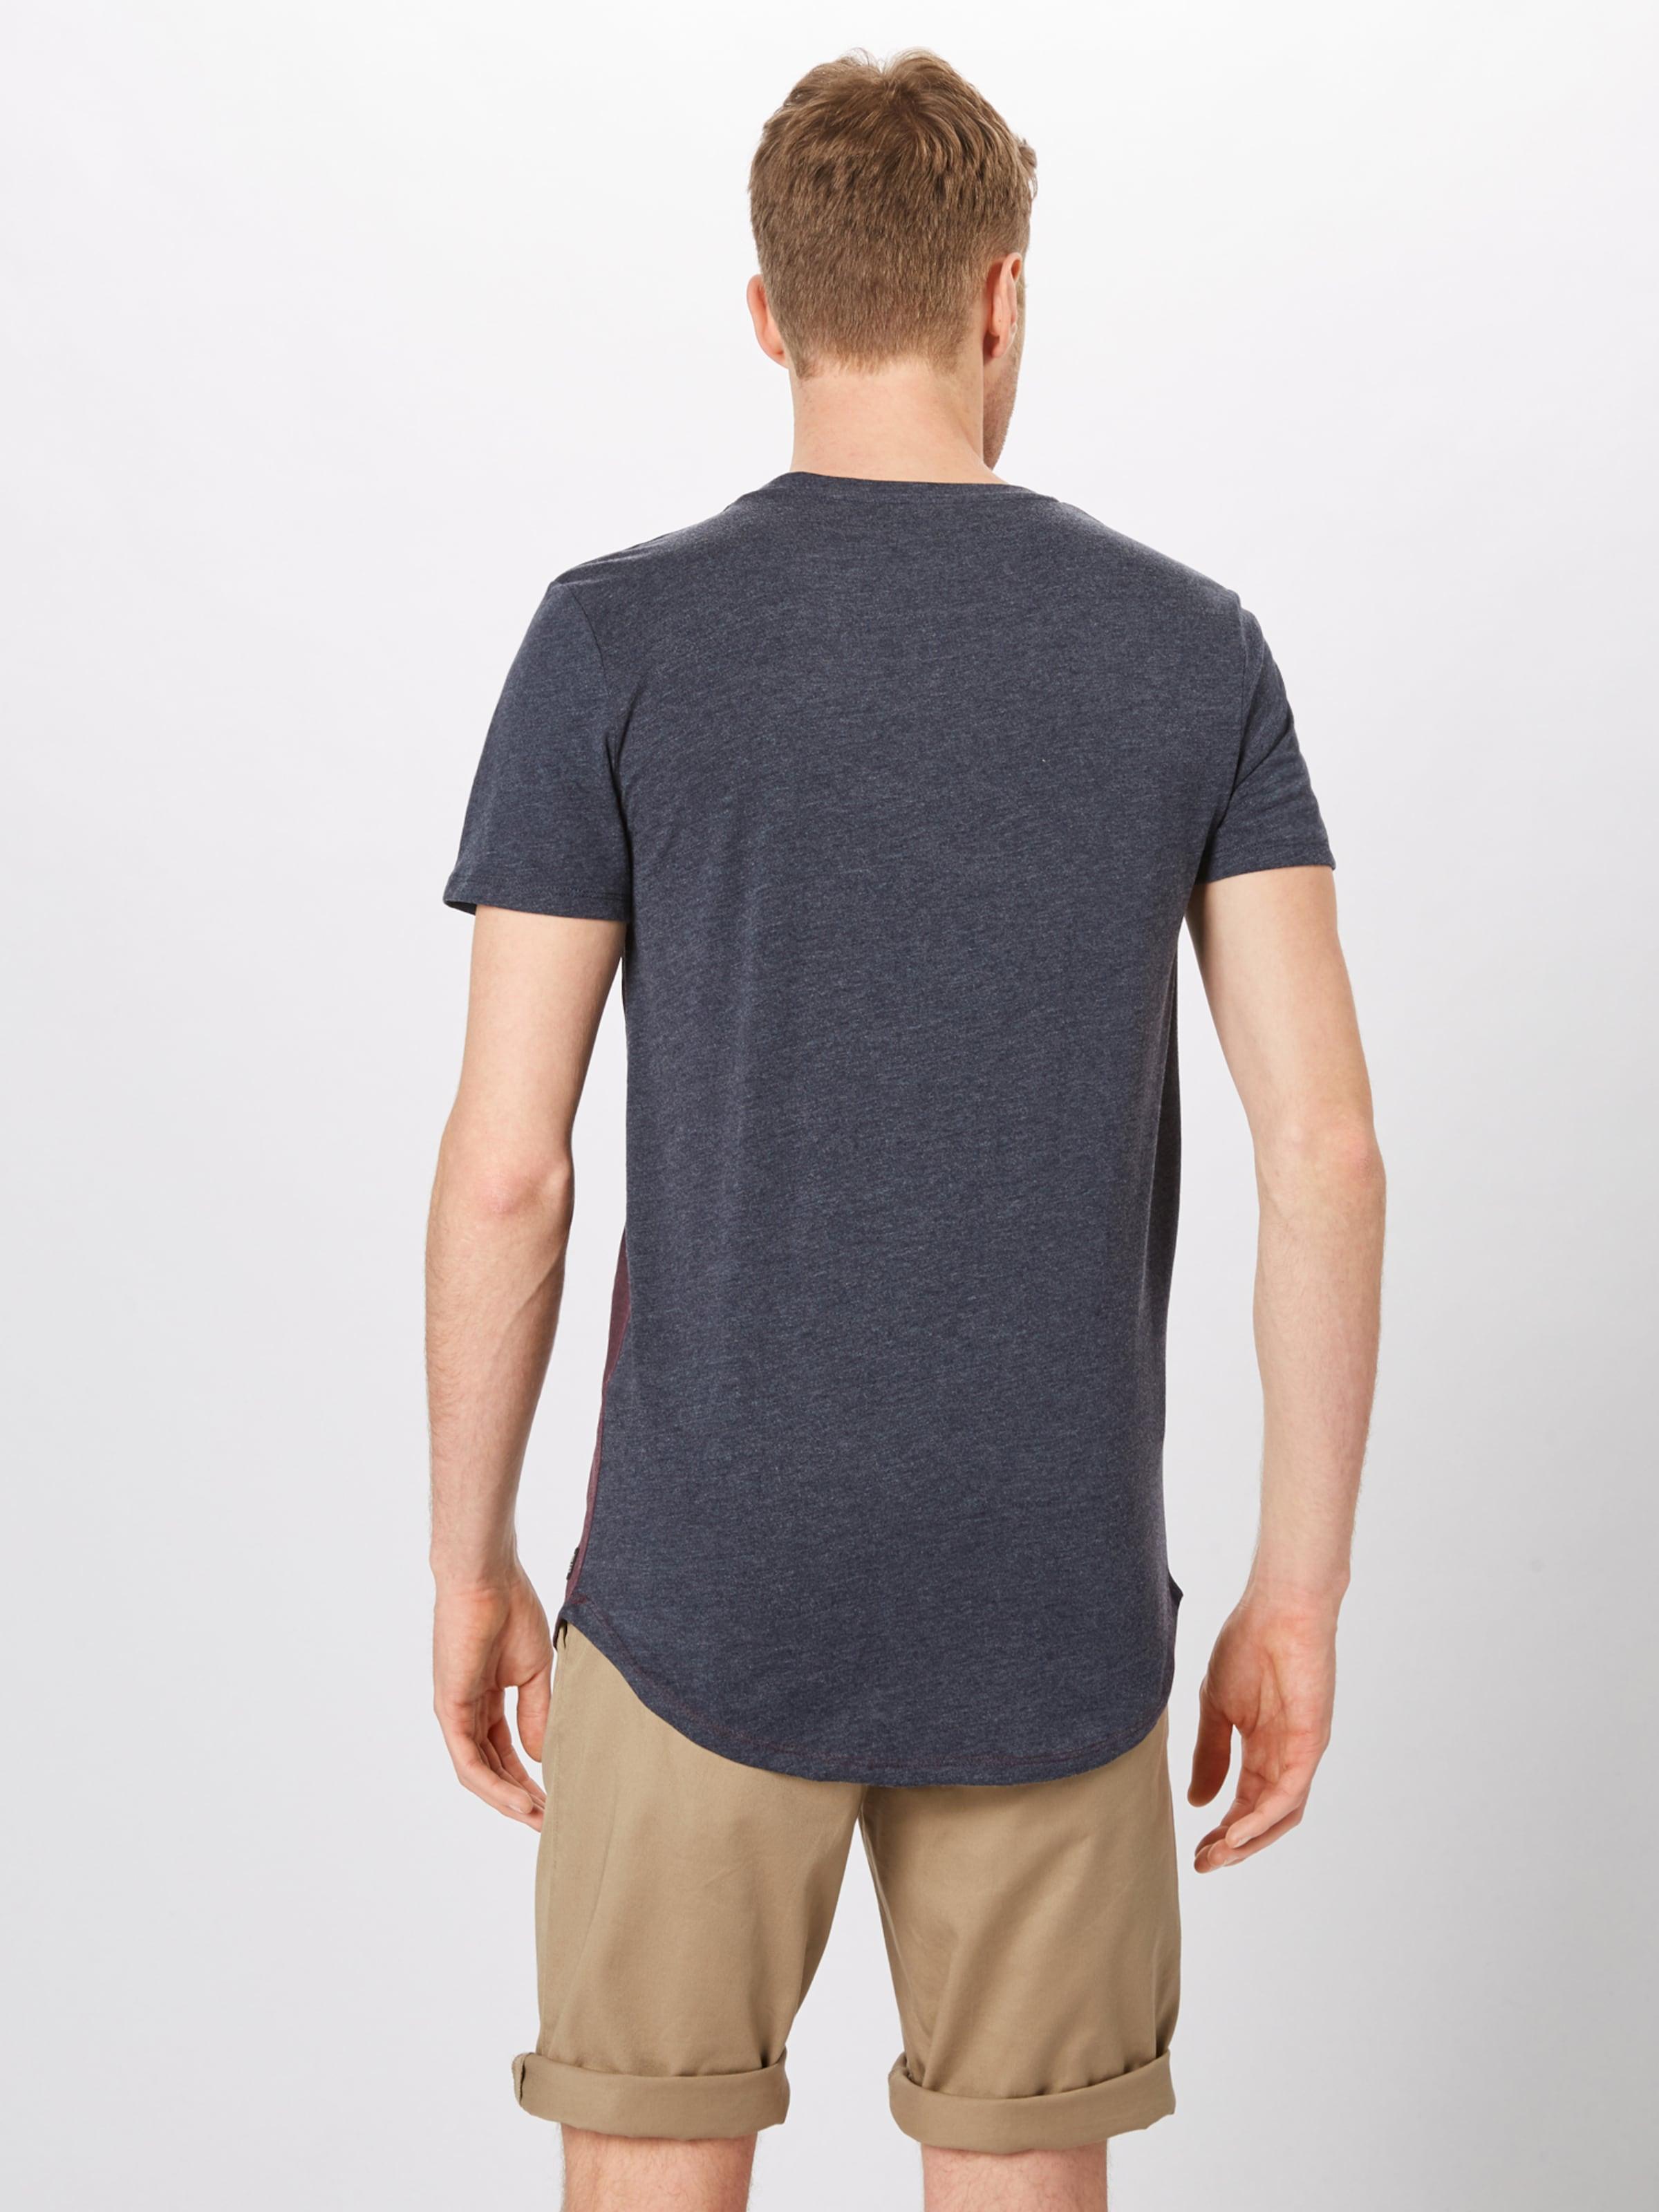 In Denim BlaumeliertBurgunder Tailor shirt Tom T tdxshQrC